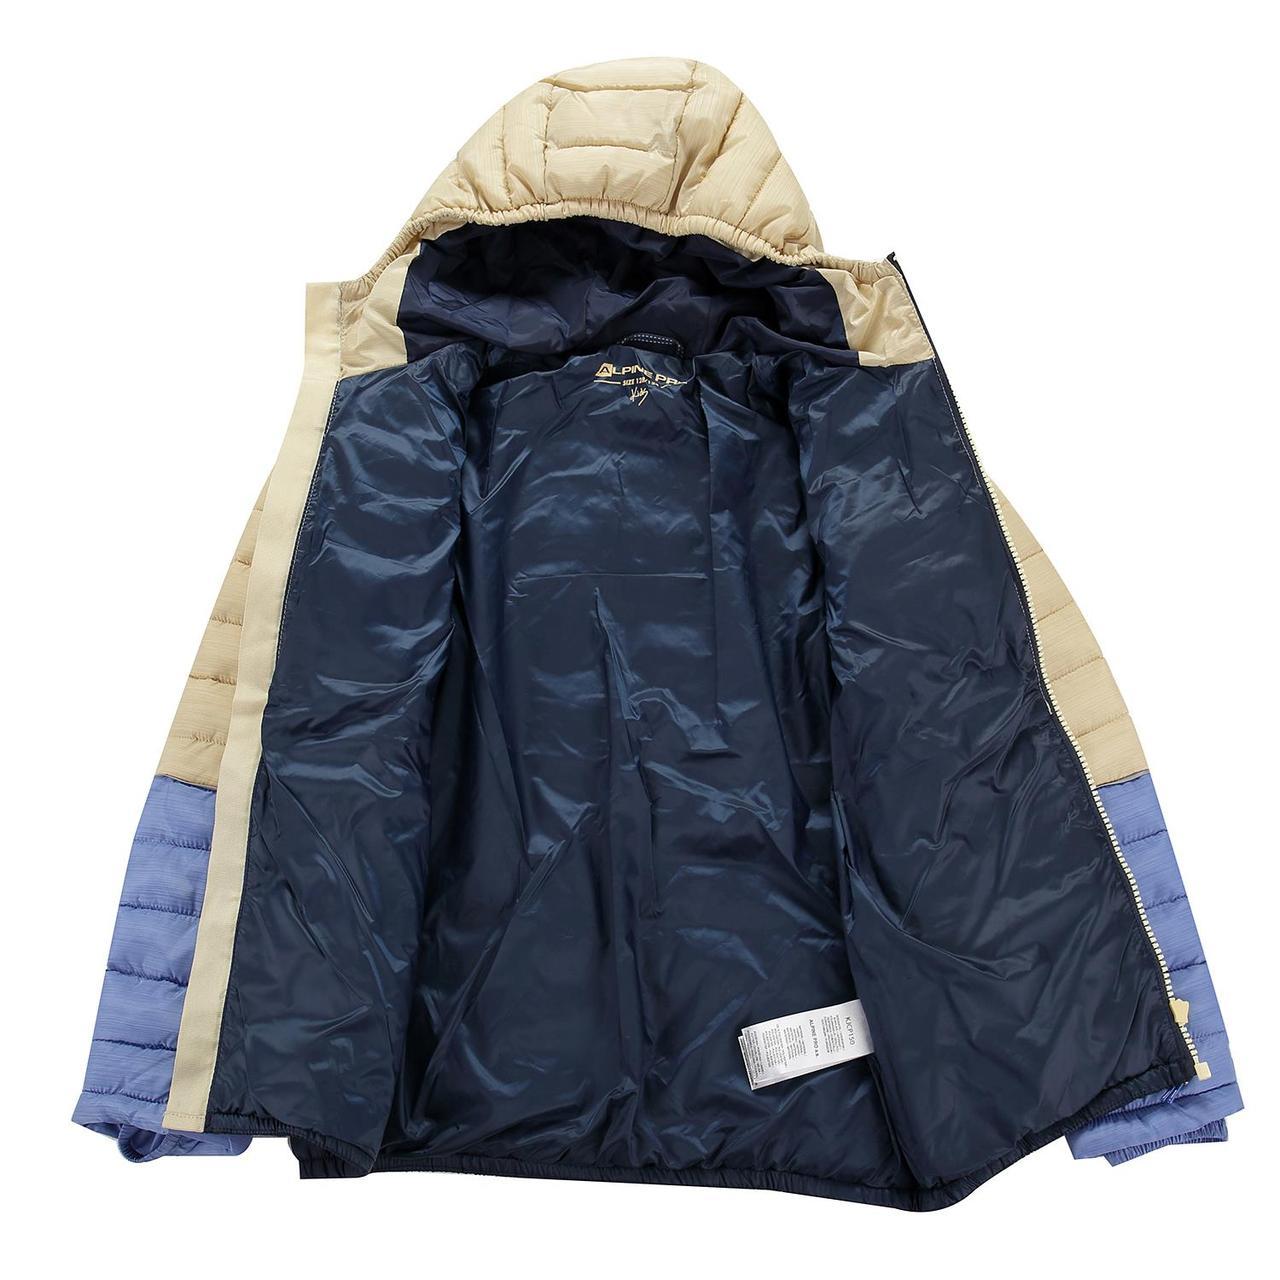 Куртка BARROKO 140-146, бежевый - фото 3